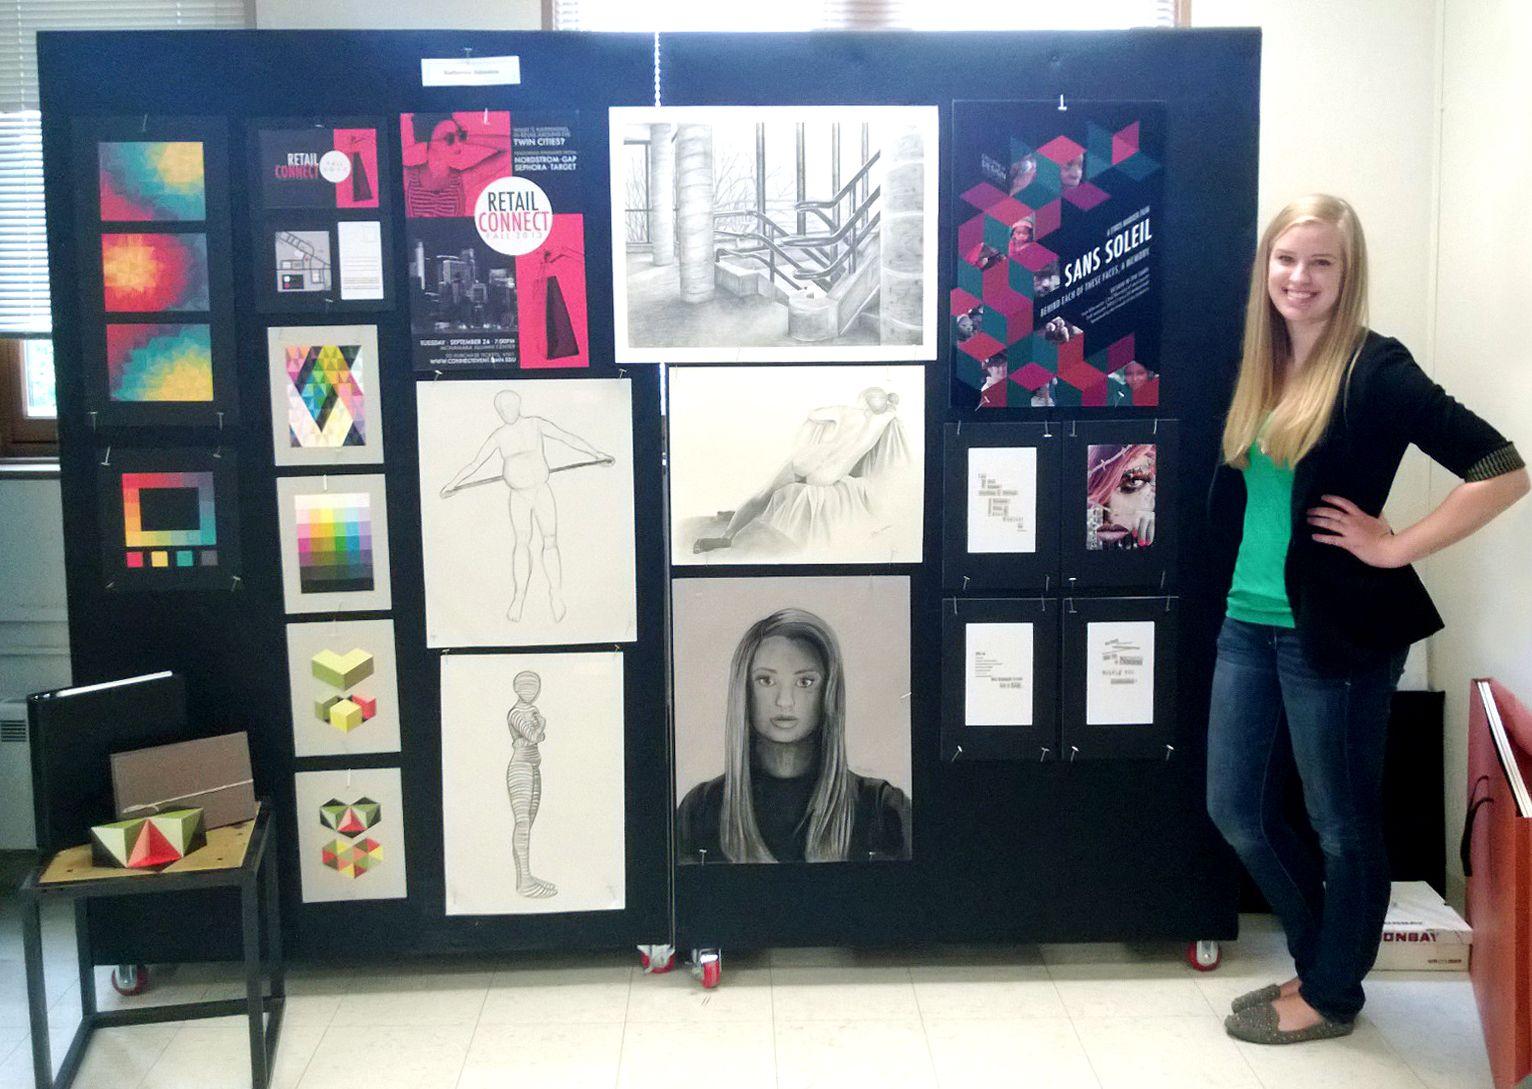 graphic design portfolio exhibition group google search - Graphic Design Project Ideas For Portfolio